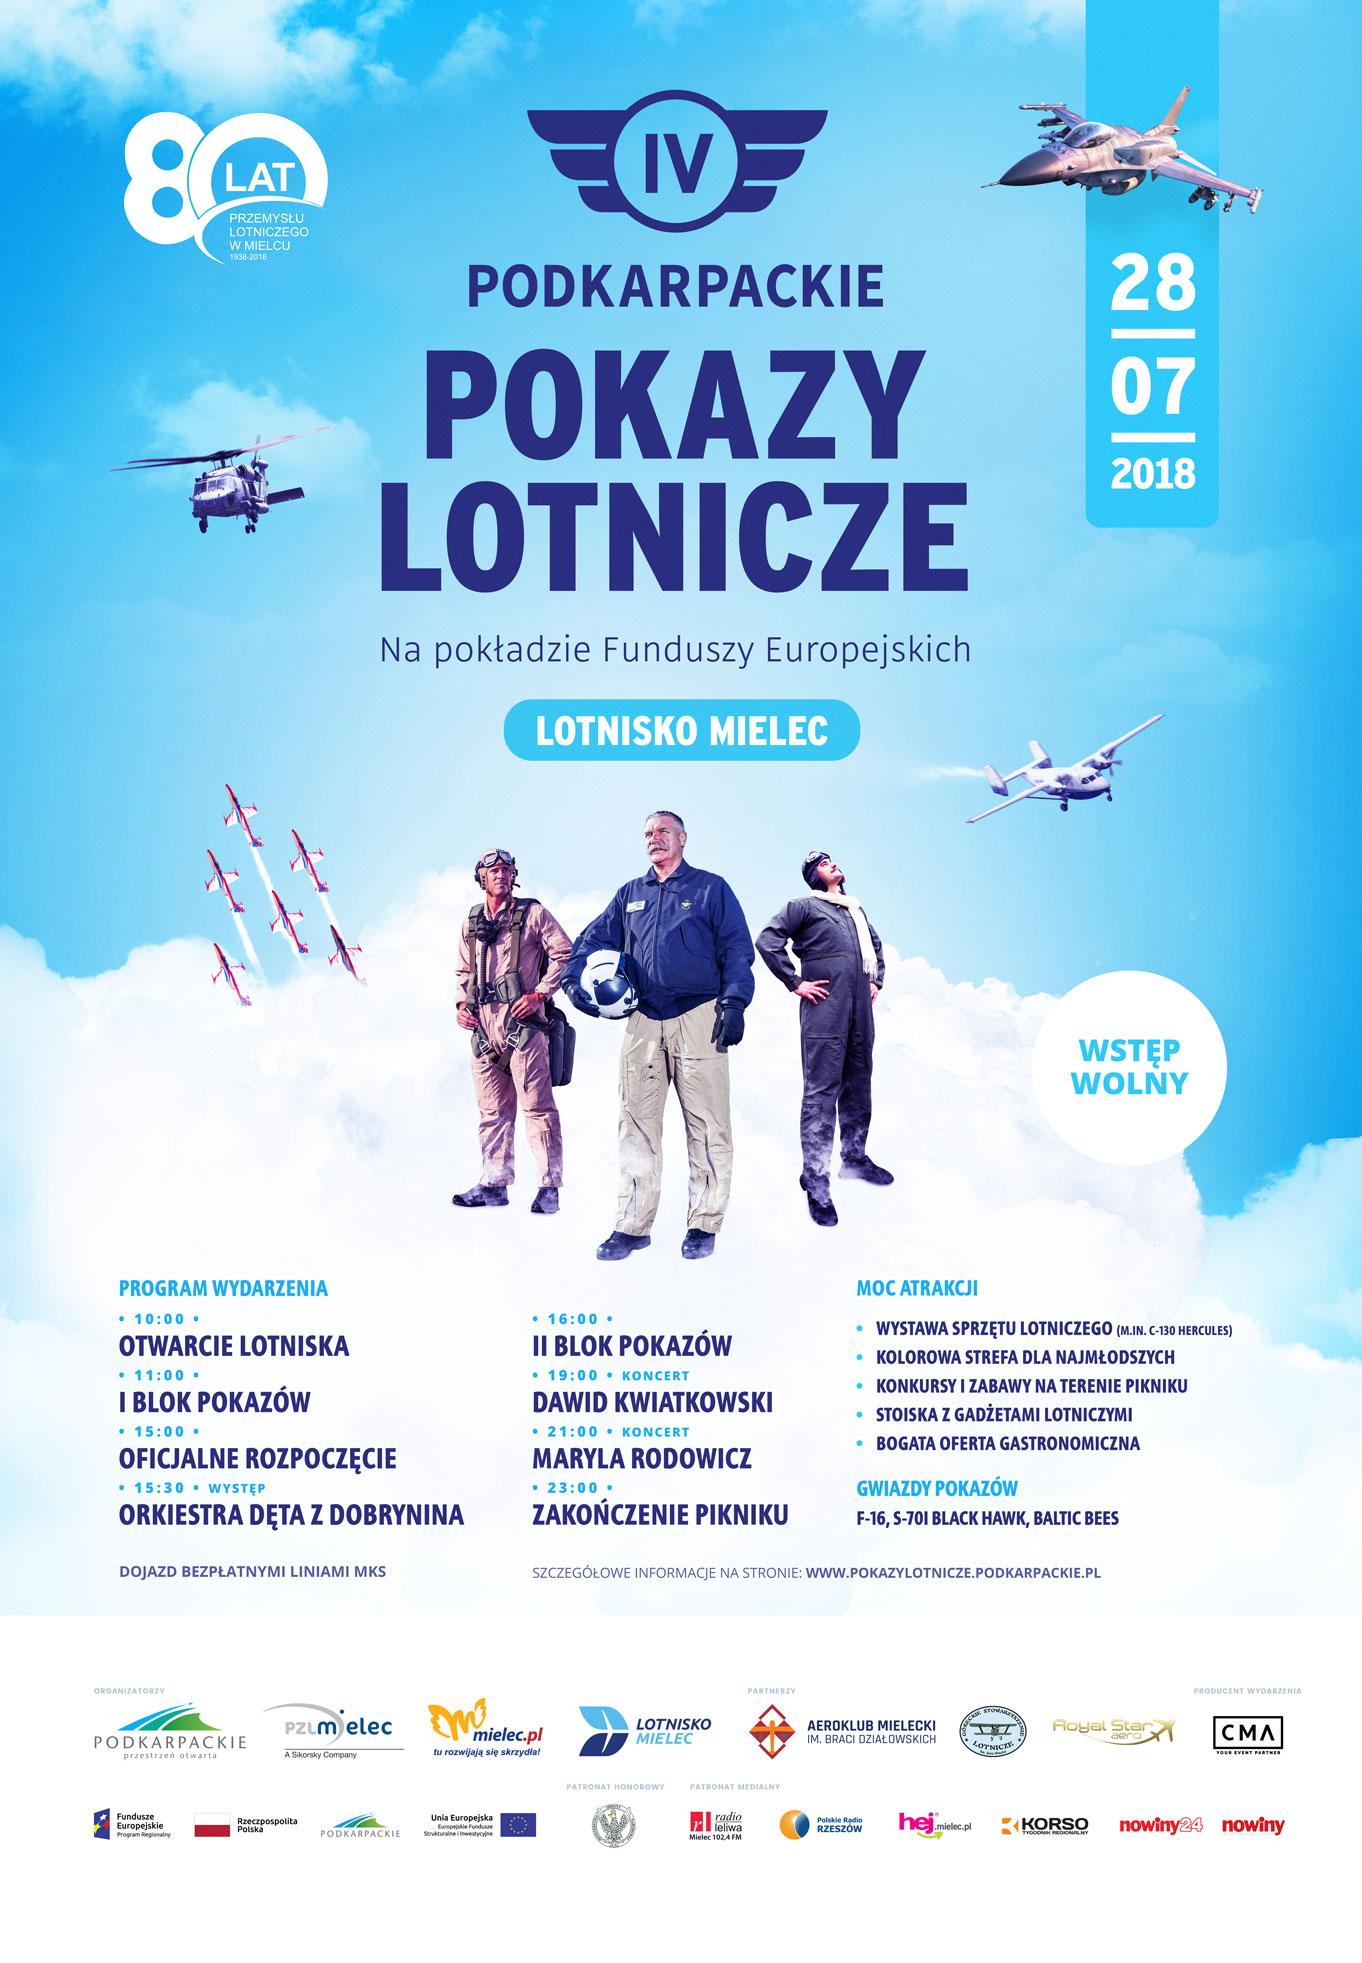 Pokazy lotnicze 2018 w Mielcu [PROGRAM, JAK DOJECHAĆ, KONCERTY] - Zdjęcie główne